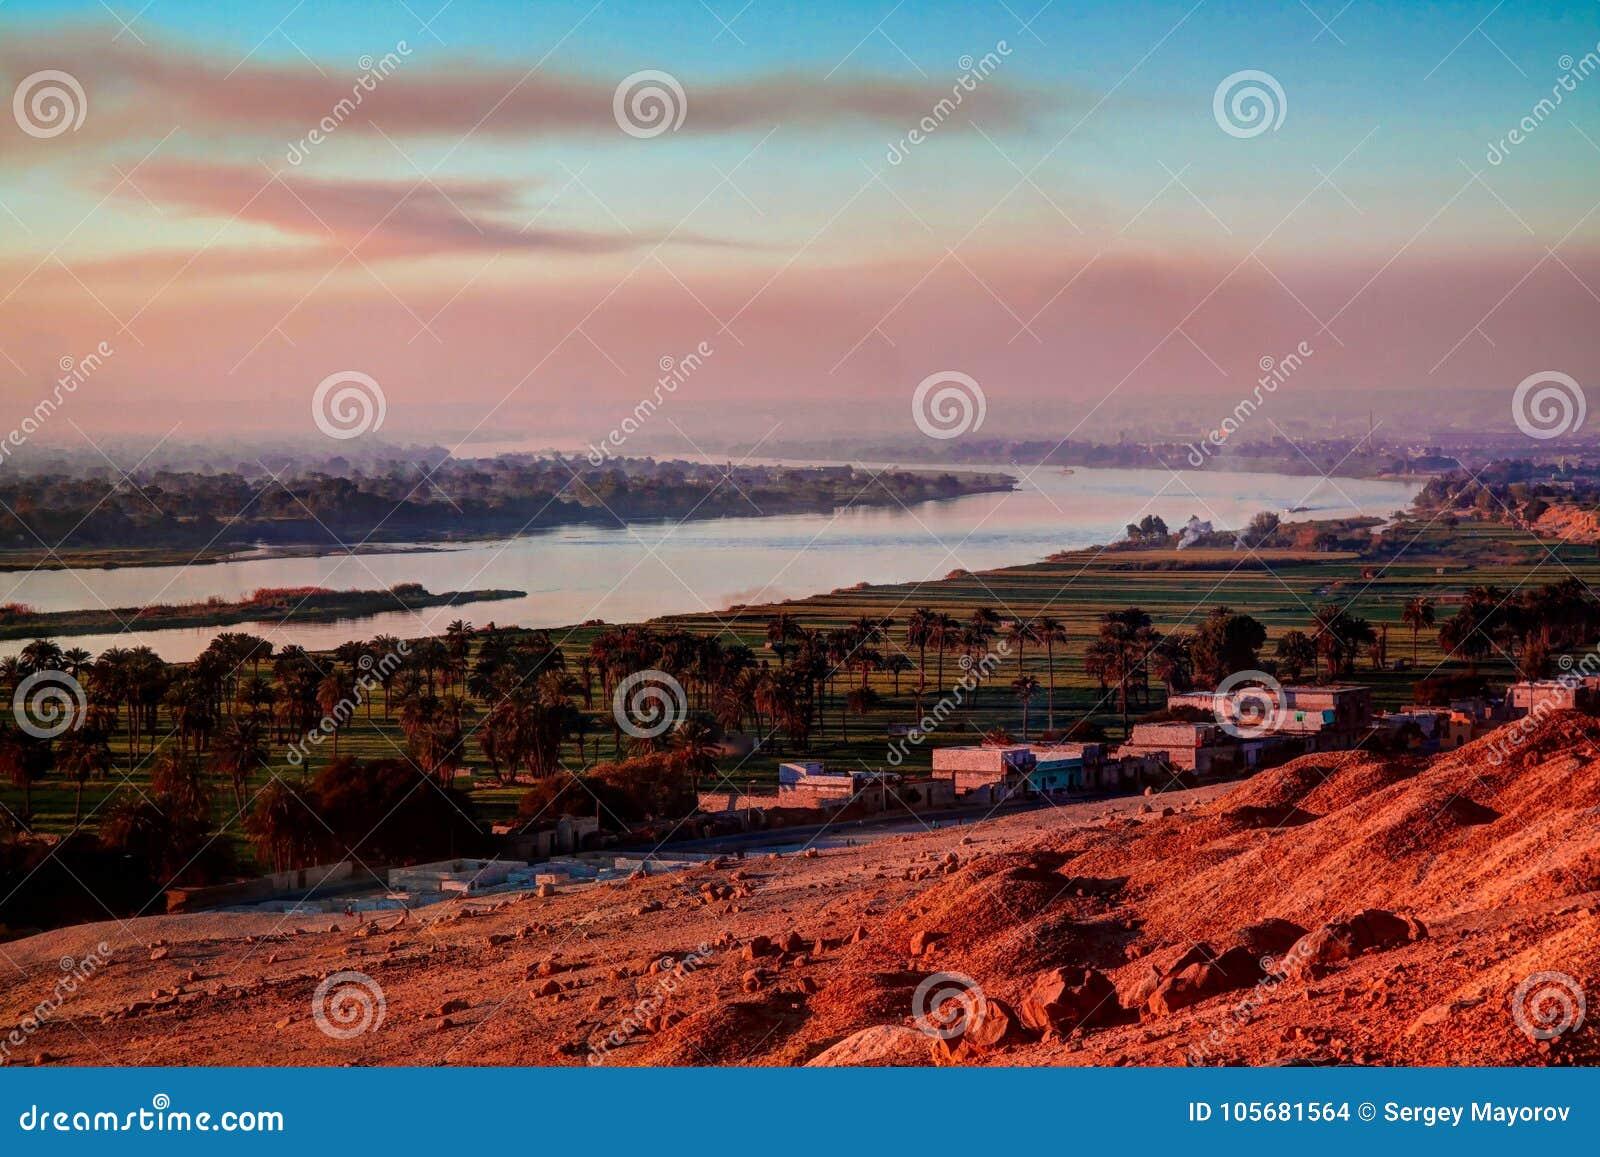 De mening van het zonsondergangpanorama aan de rivier van Nijl van de archeologische plaats van Beni Hasan, Minya, Egypte